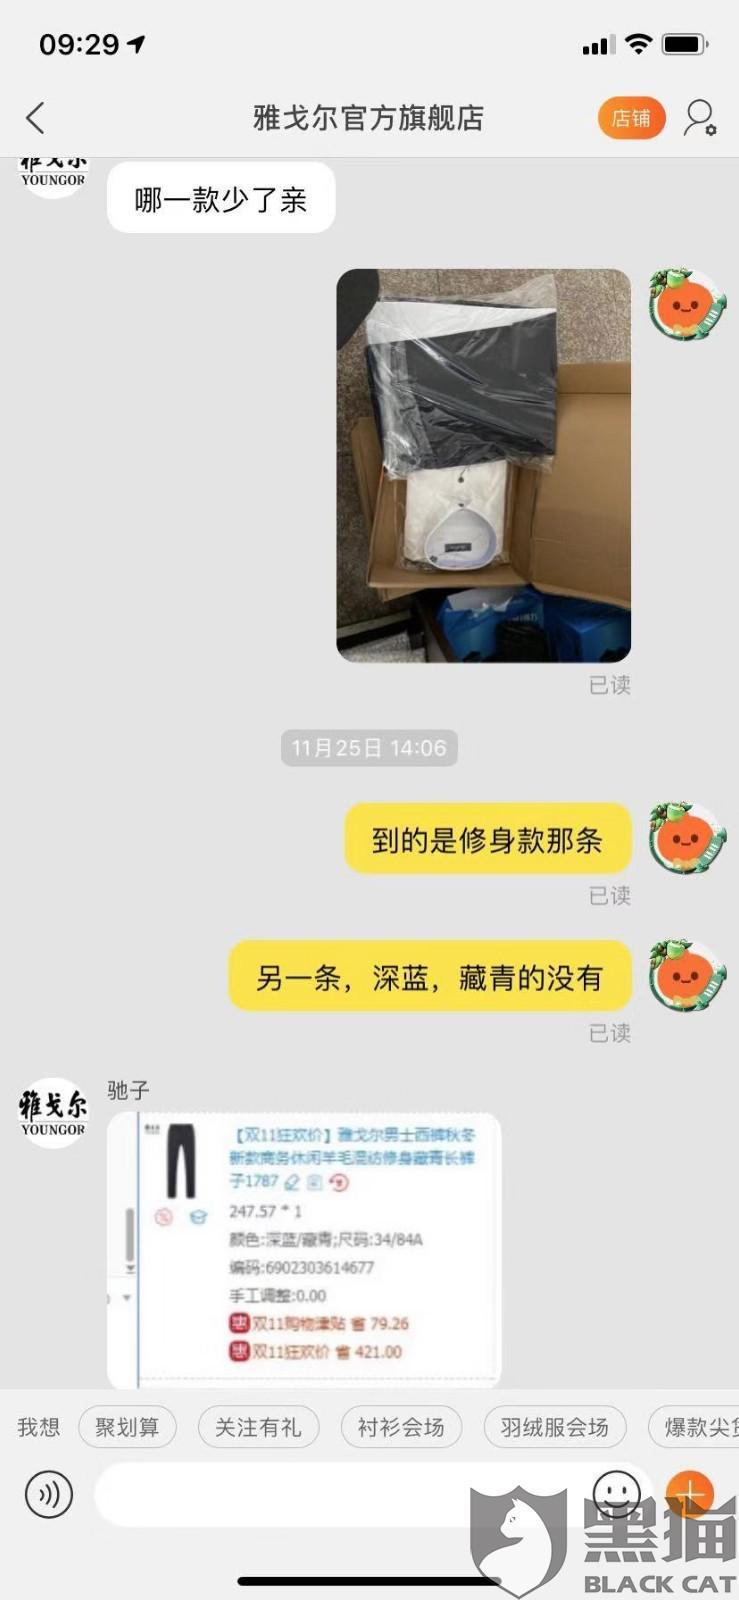 黑猫投诉:雅戈尔天猫漏发货物推卸责任给消费者,各种机器人回复毫不顾及客户感受